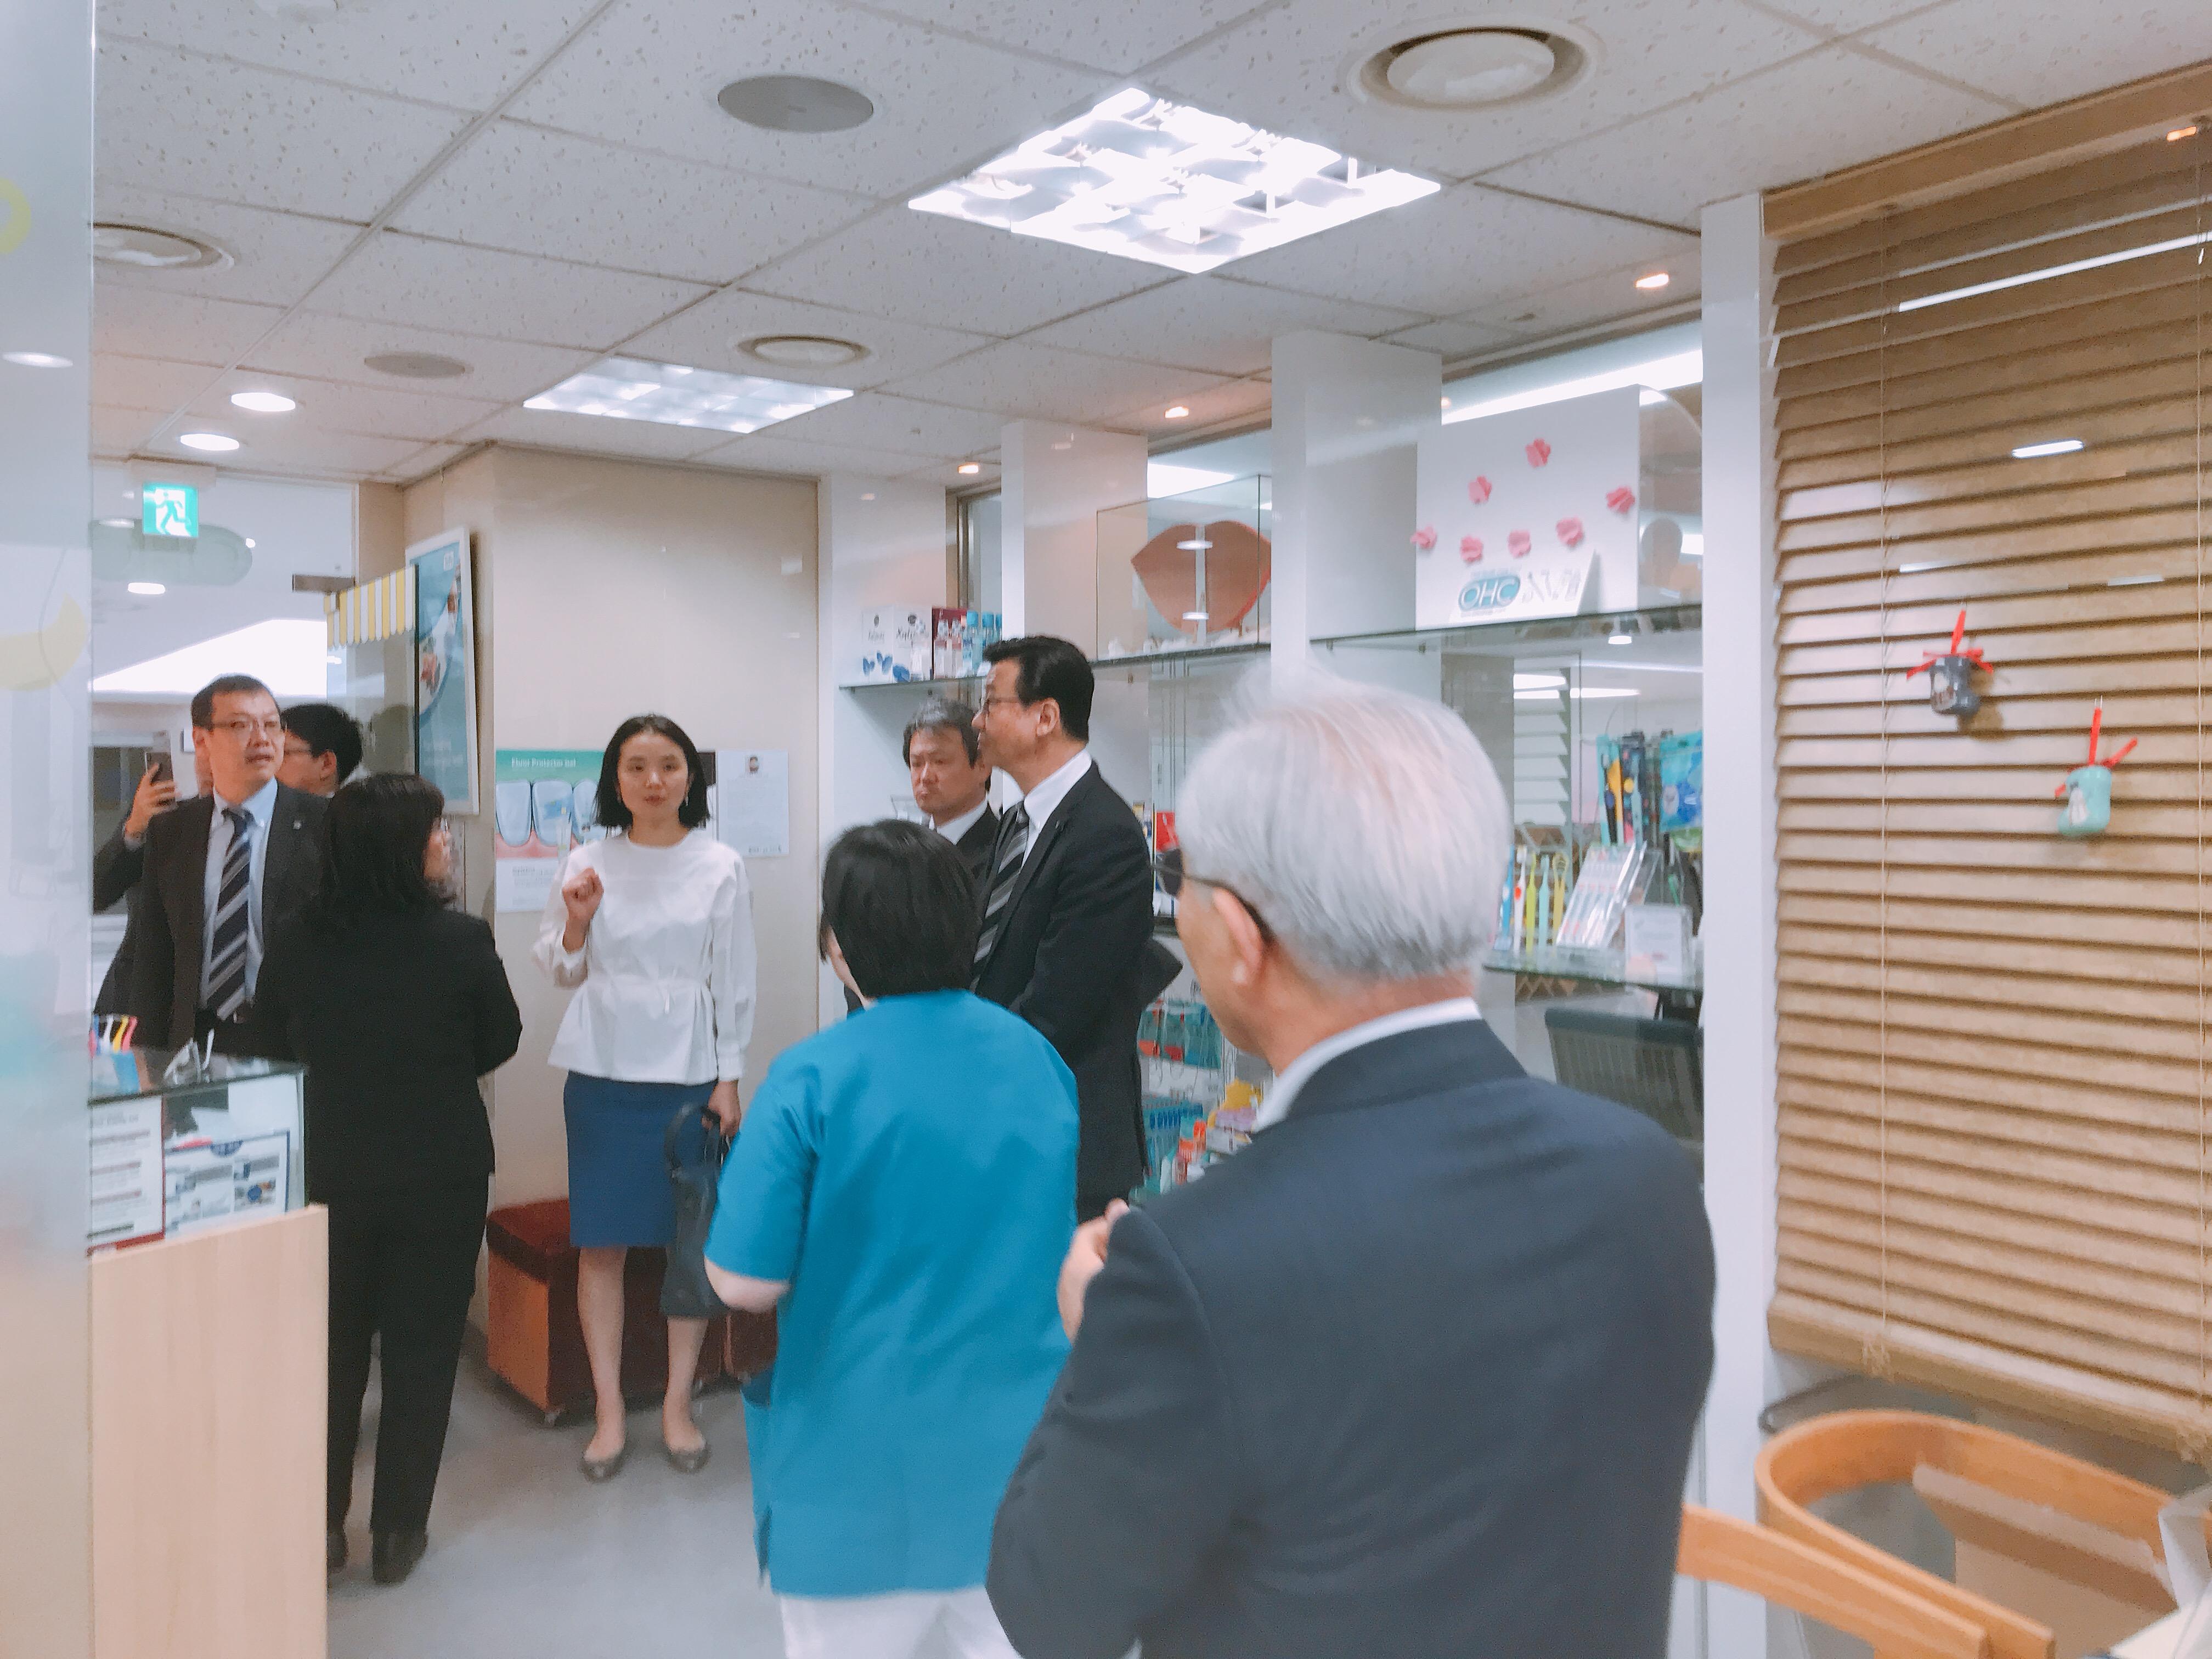 2019-5-13 일본 라이온 본사 직원 혜화방문 9.jpg